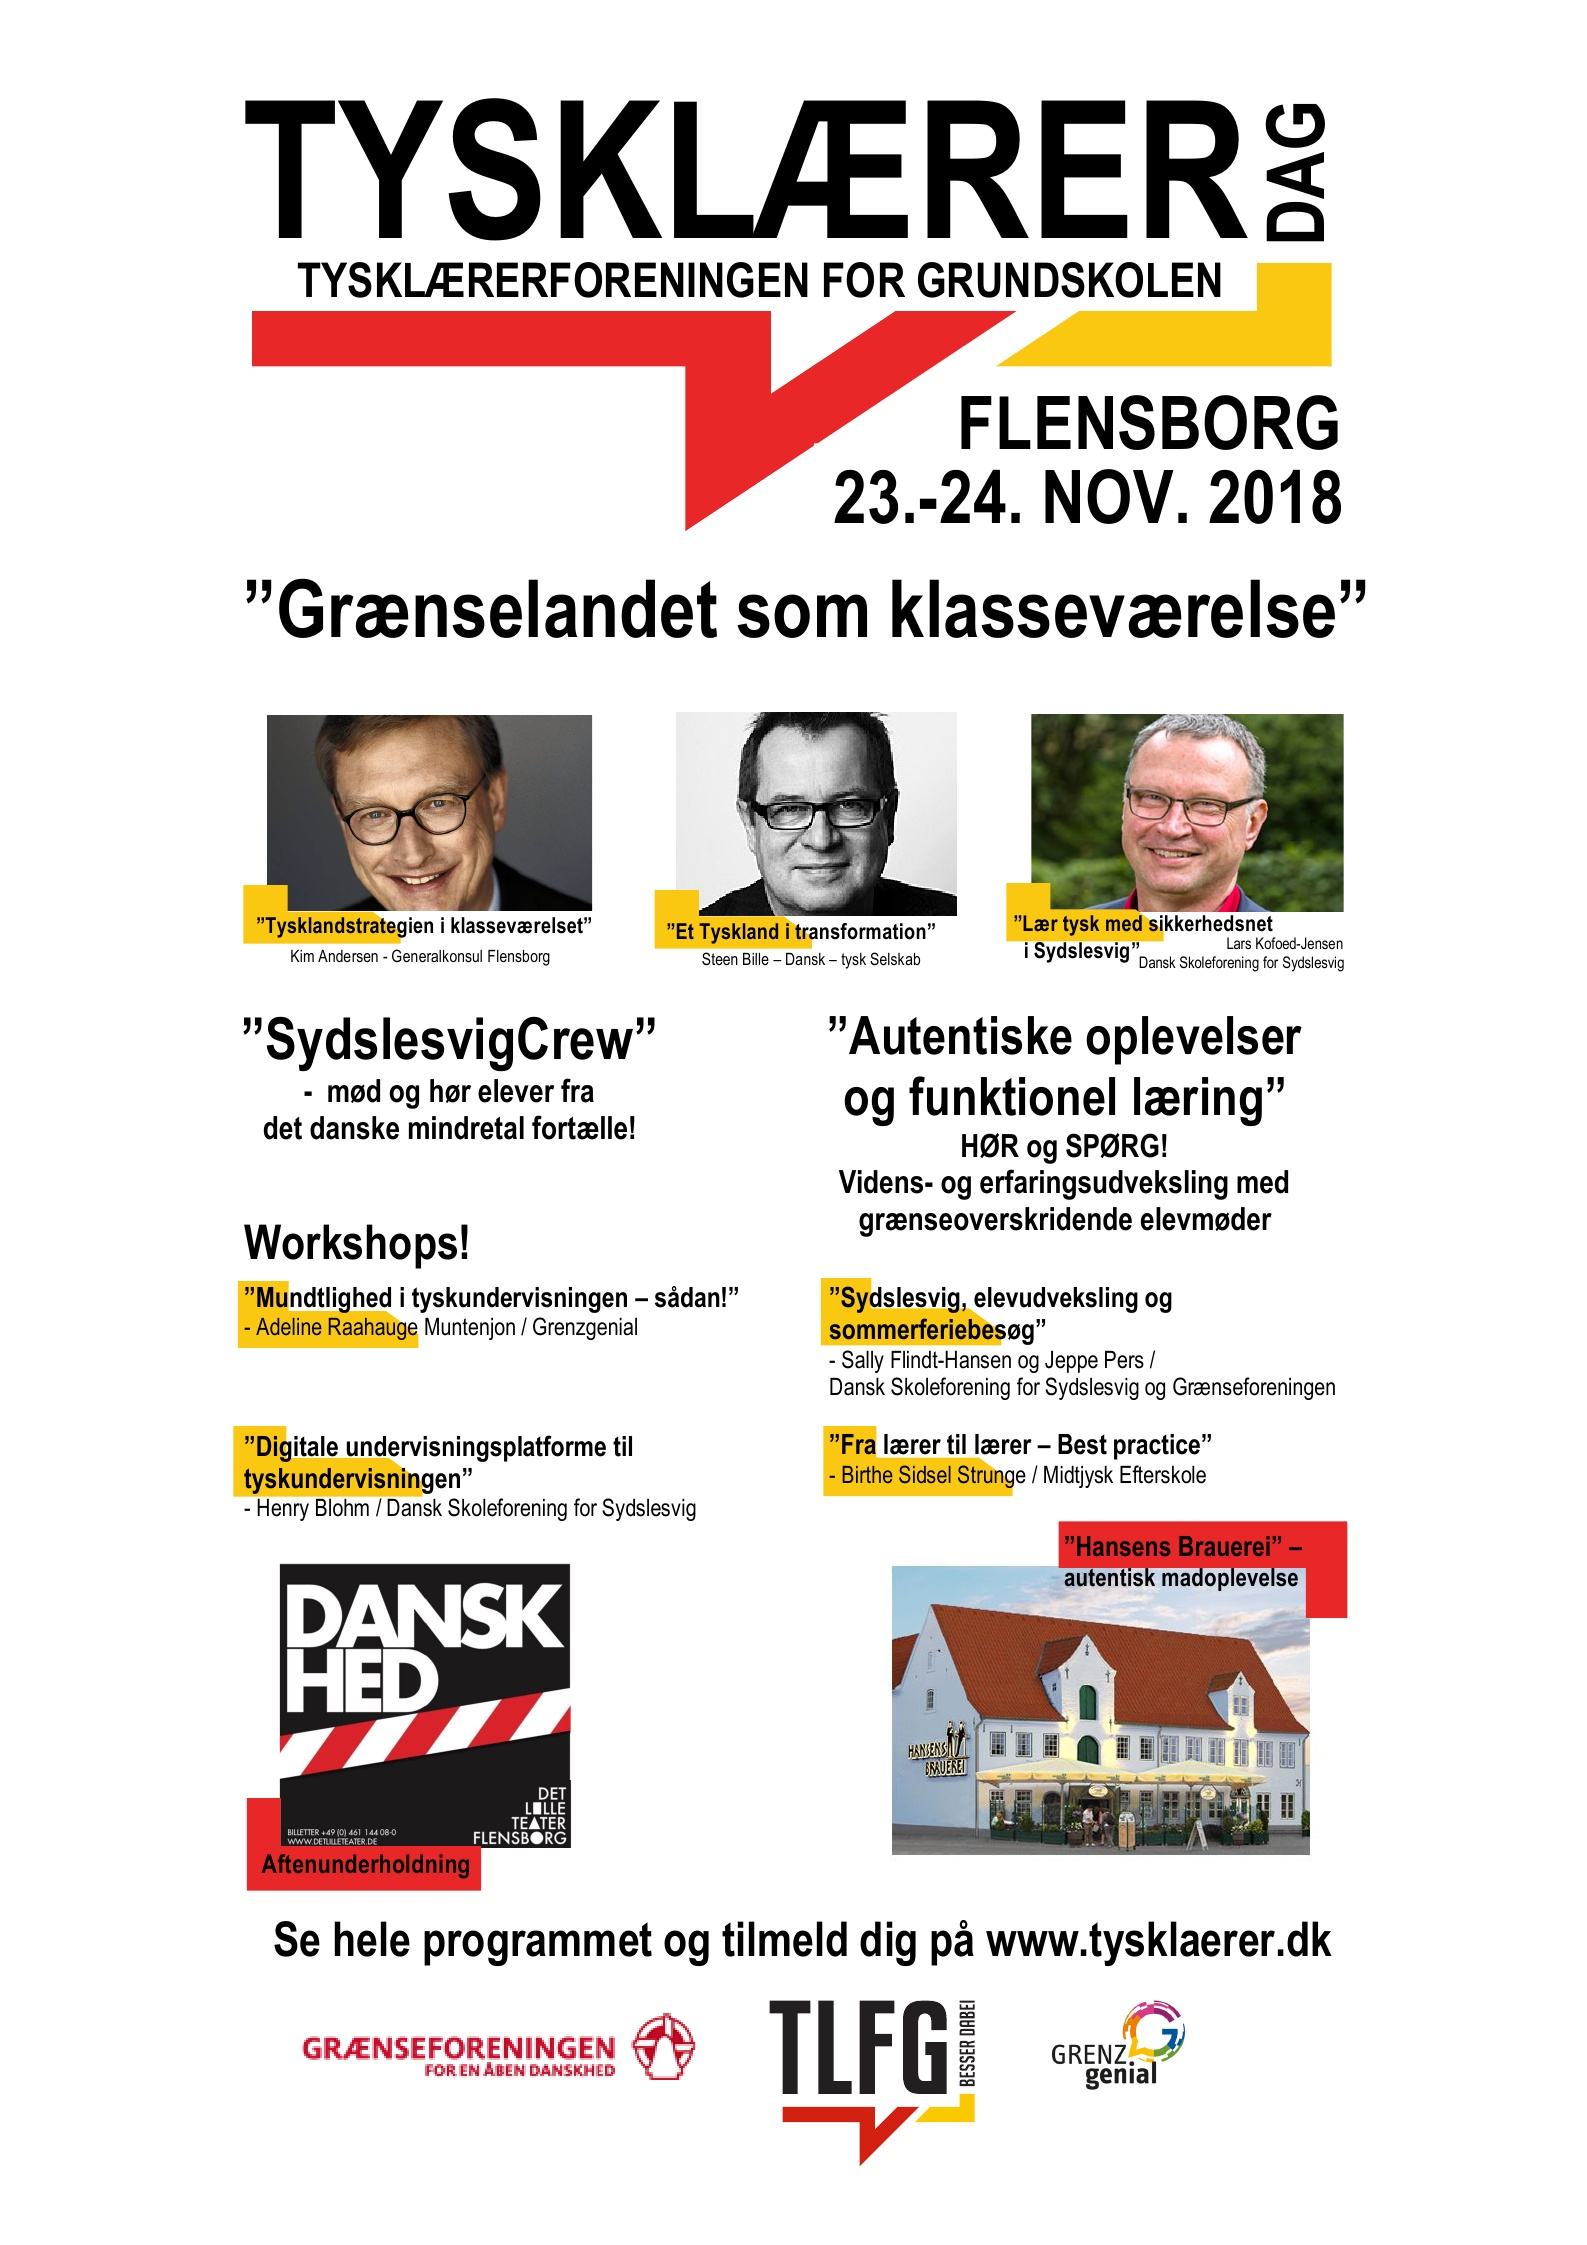 TYSKLÆRERDAG 2018